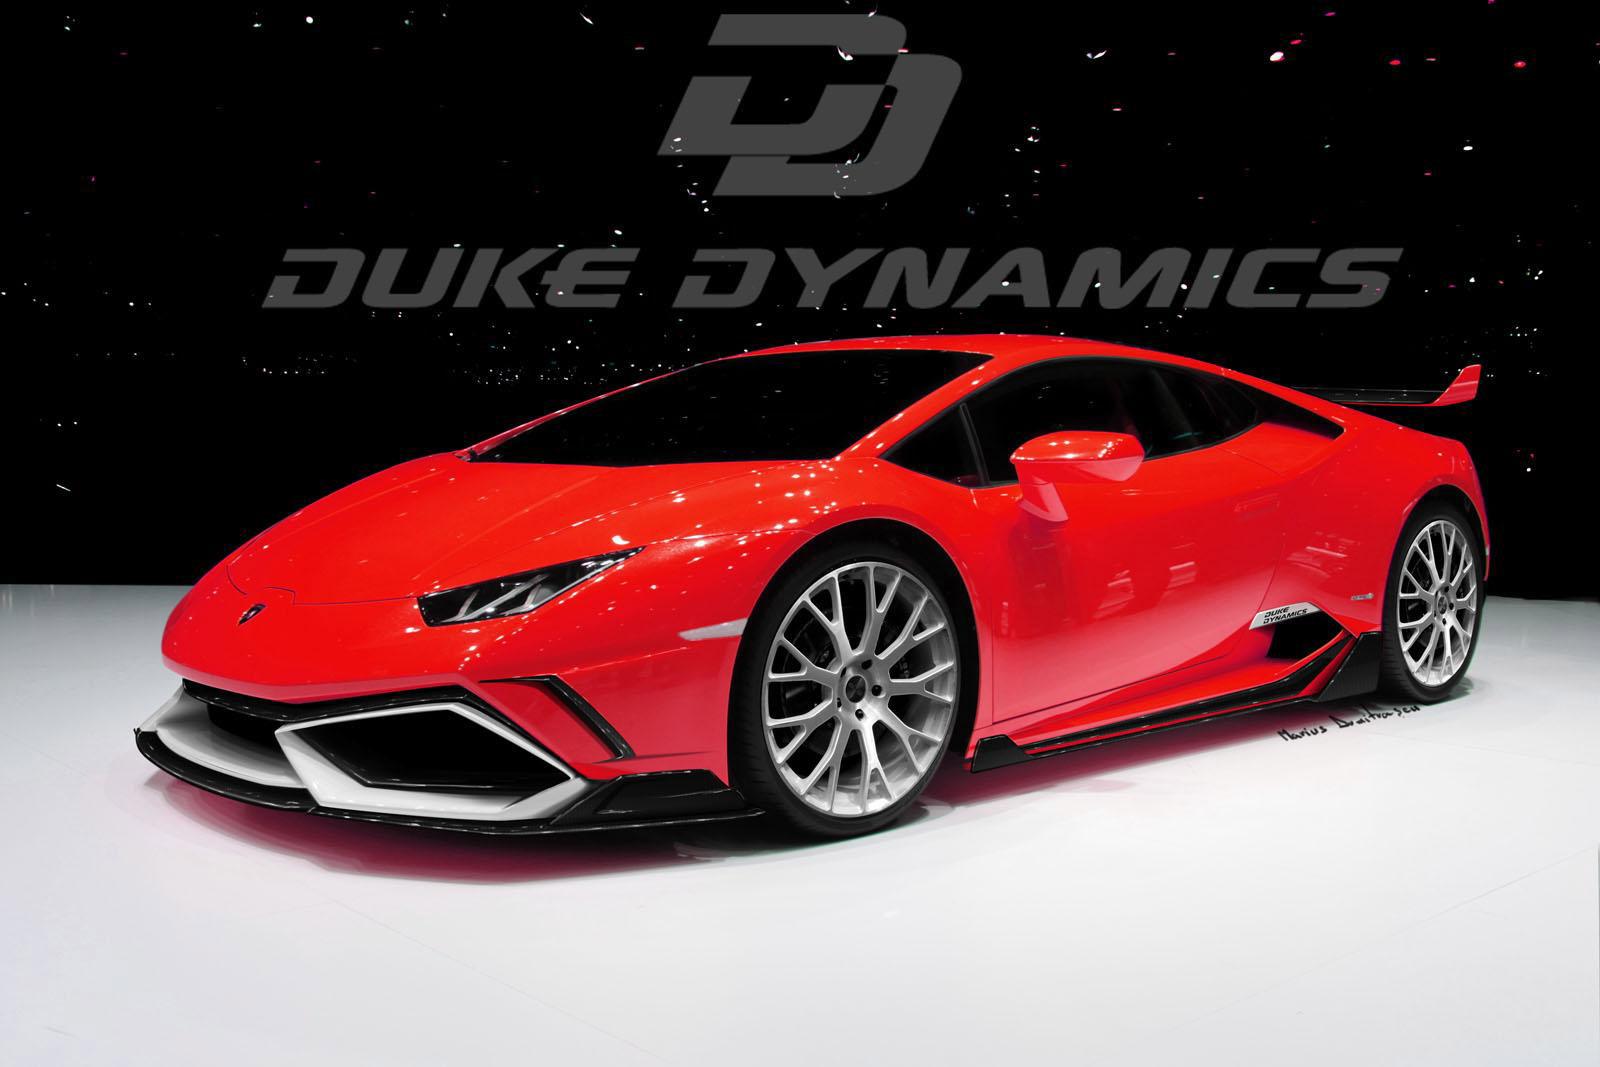 Car Throttle Wallpaper Duke Dynamics Lamborghini Huracan Lp610 4 Arrow